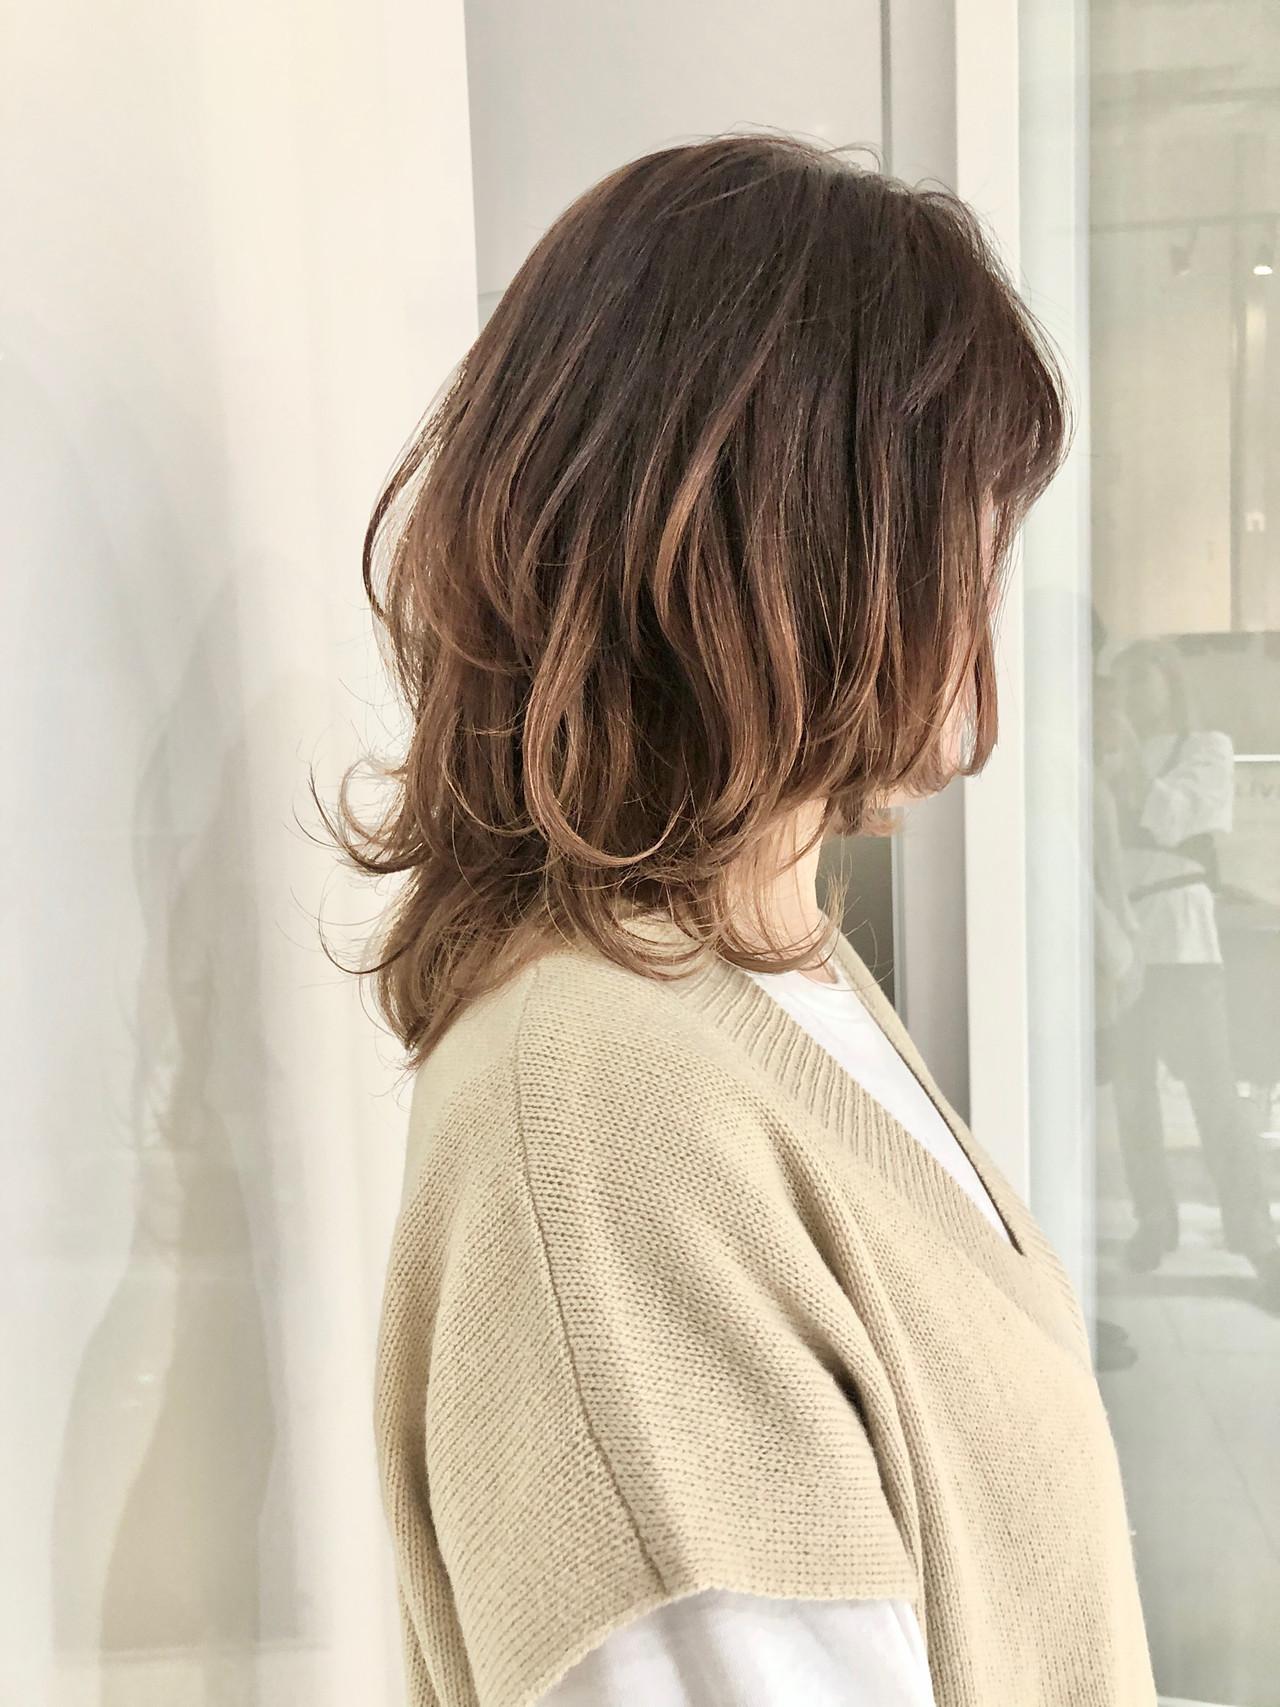 グラデーション グラデーションカラー ハイトーン ウルフカット ヘアスタイルや髪型の写真・画像